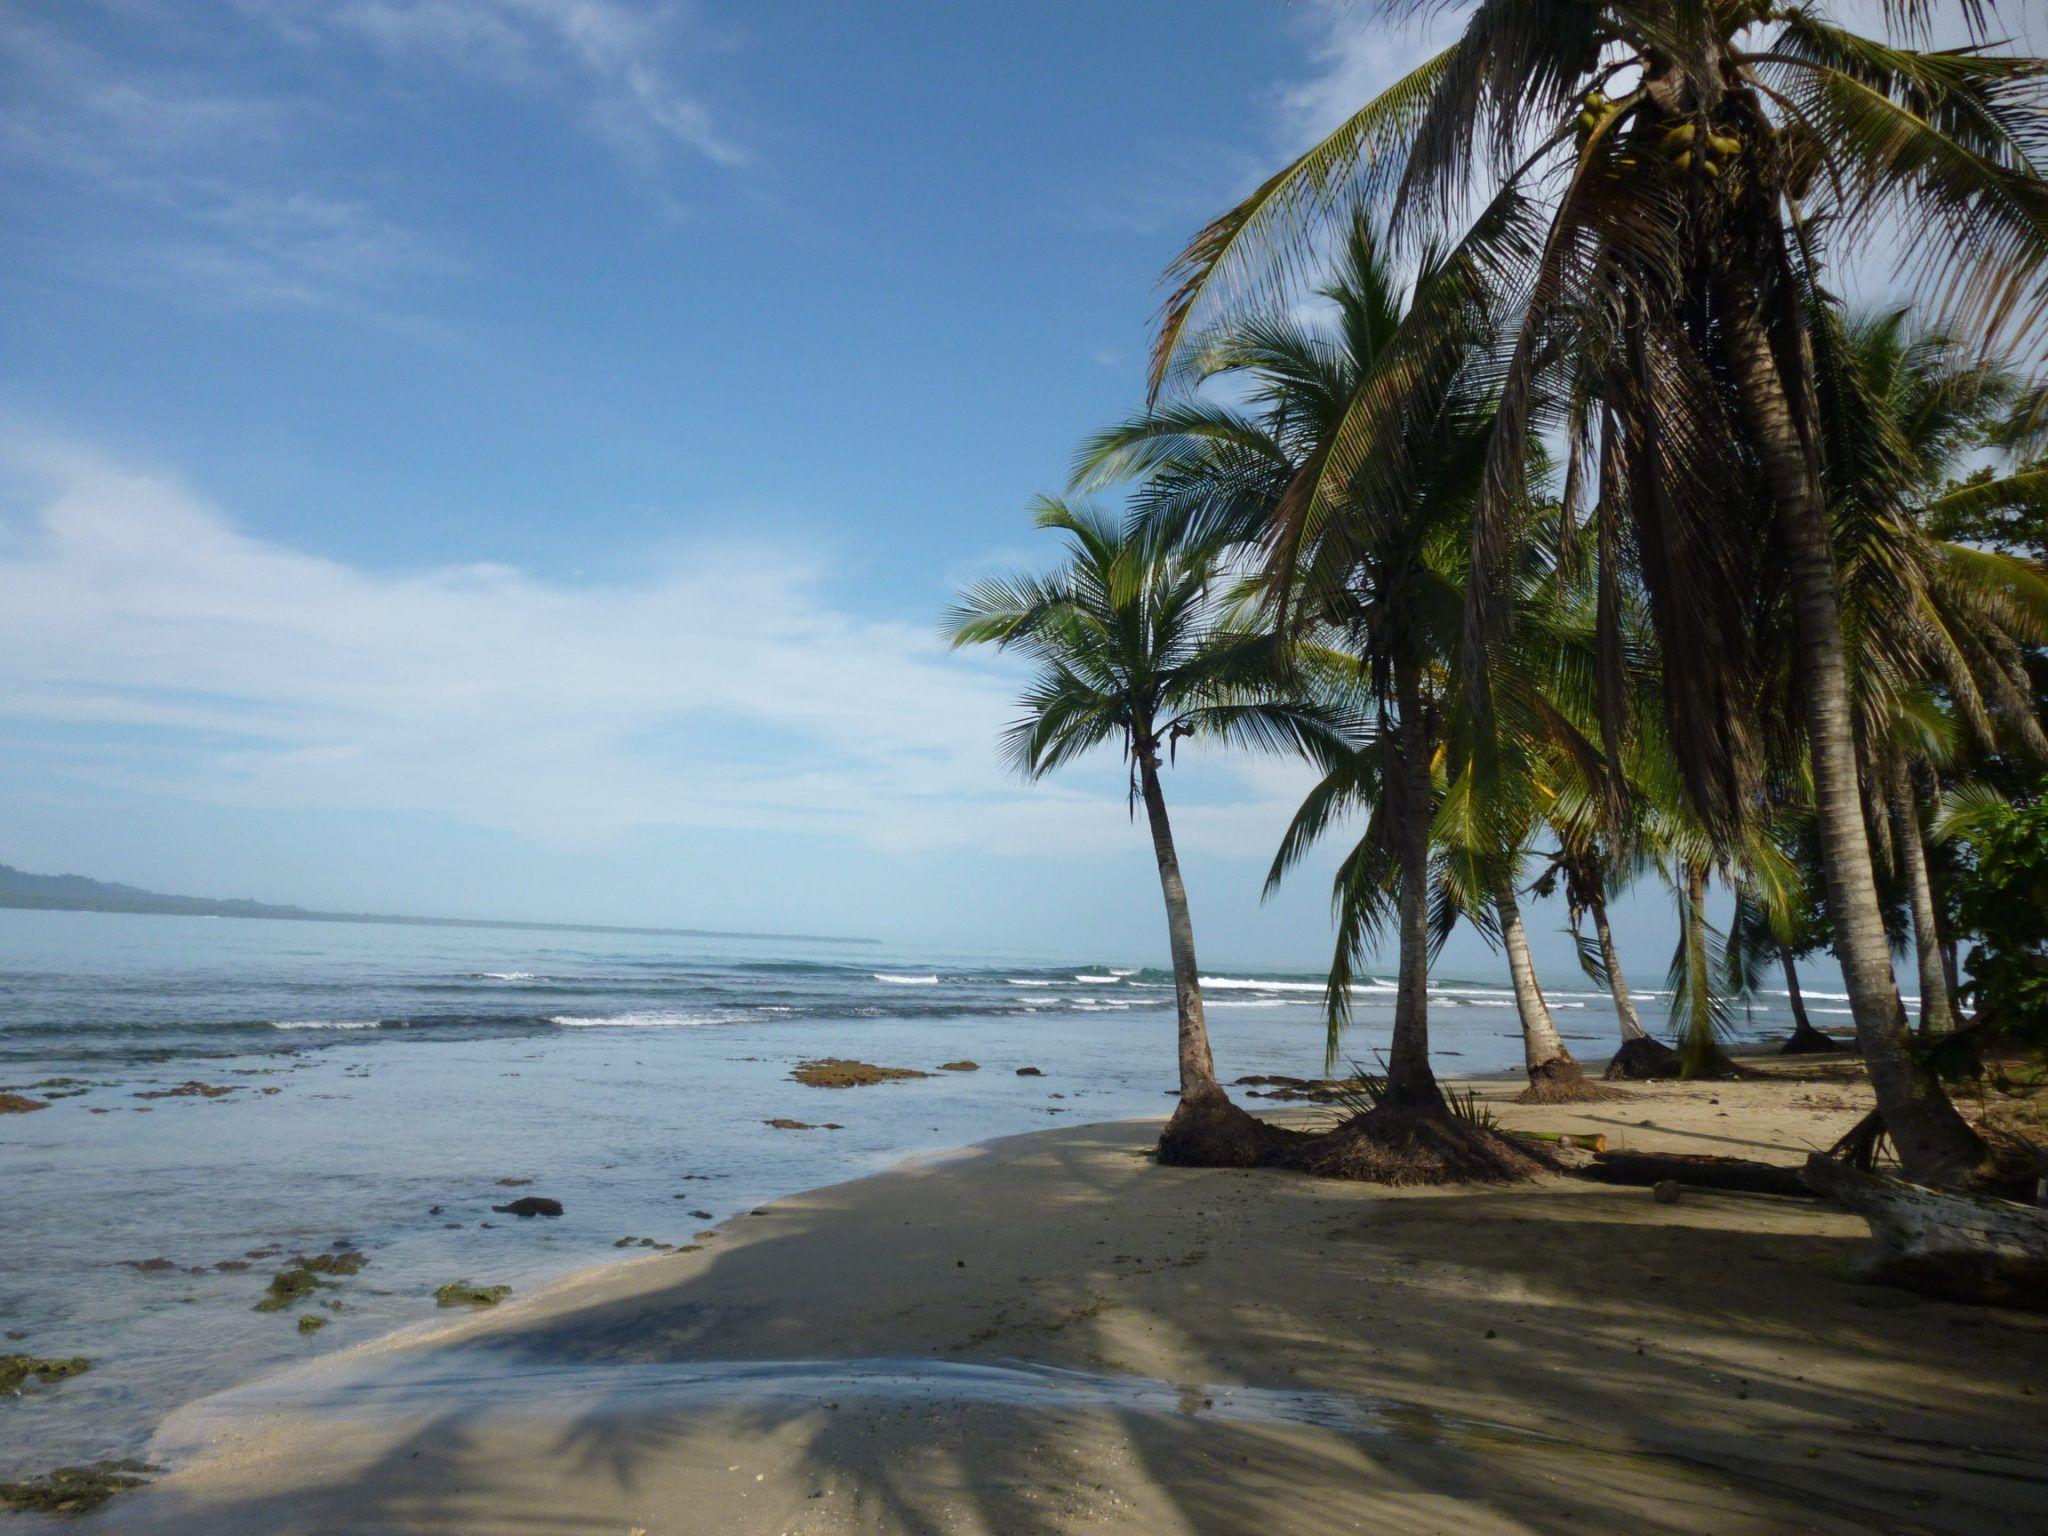 Costa Rica - El Viaje No Termina